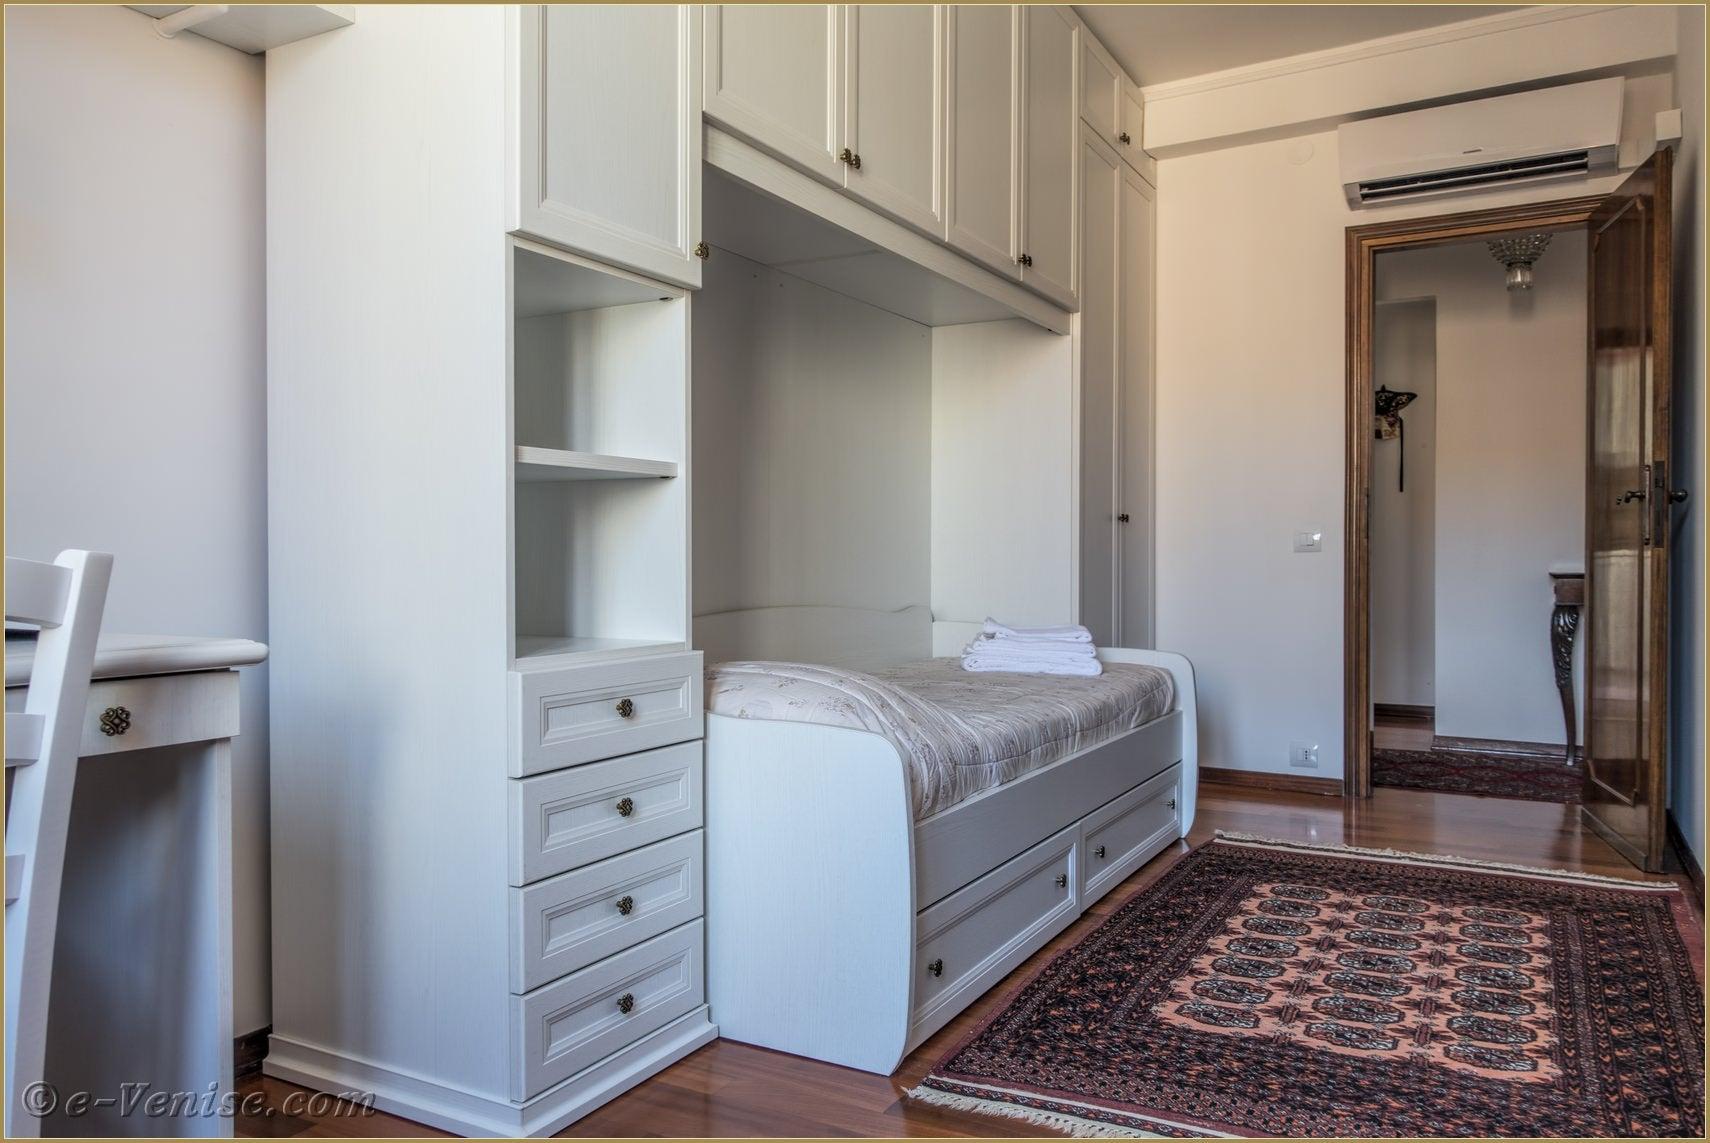 Chambre Moderne Venise : Location appartement venise trovaso trois personnes